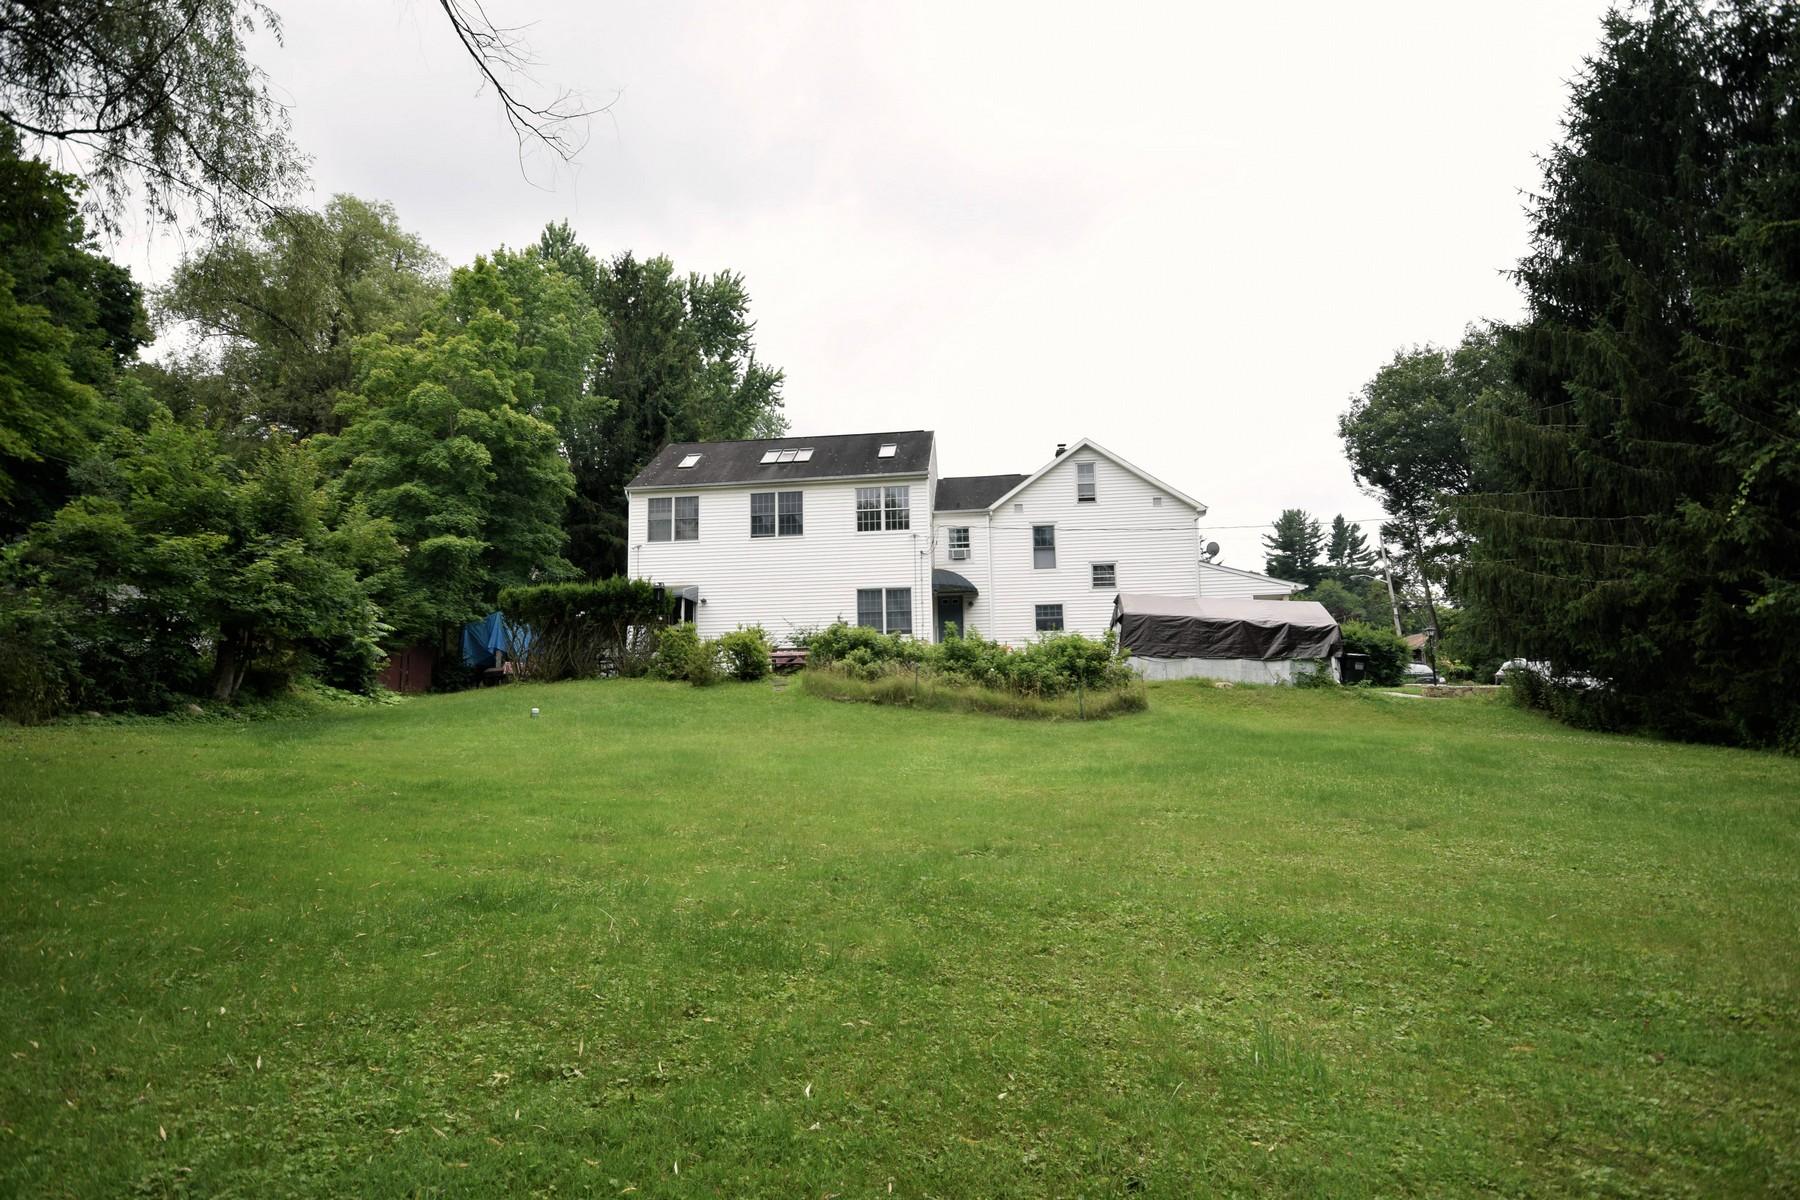 独户住宅 为 销售 在 Artists Dream 126 School Street Mahopac, 纽约州 10542 美国